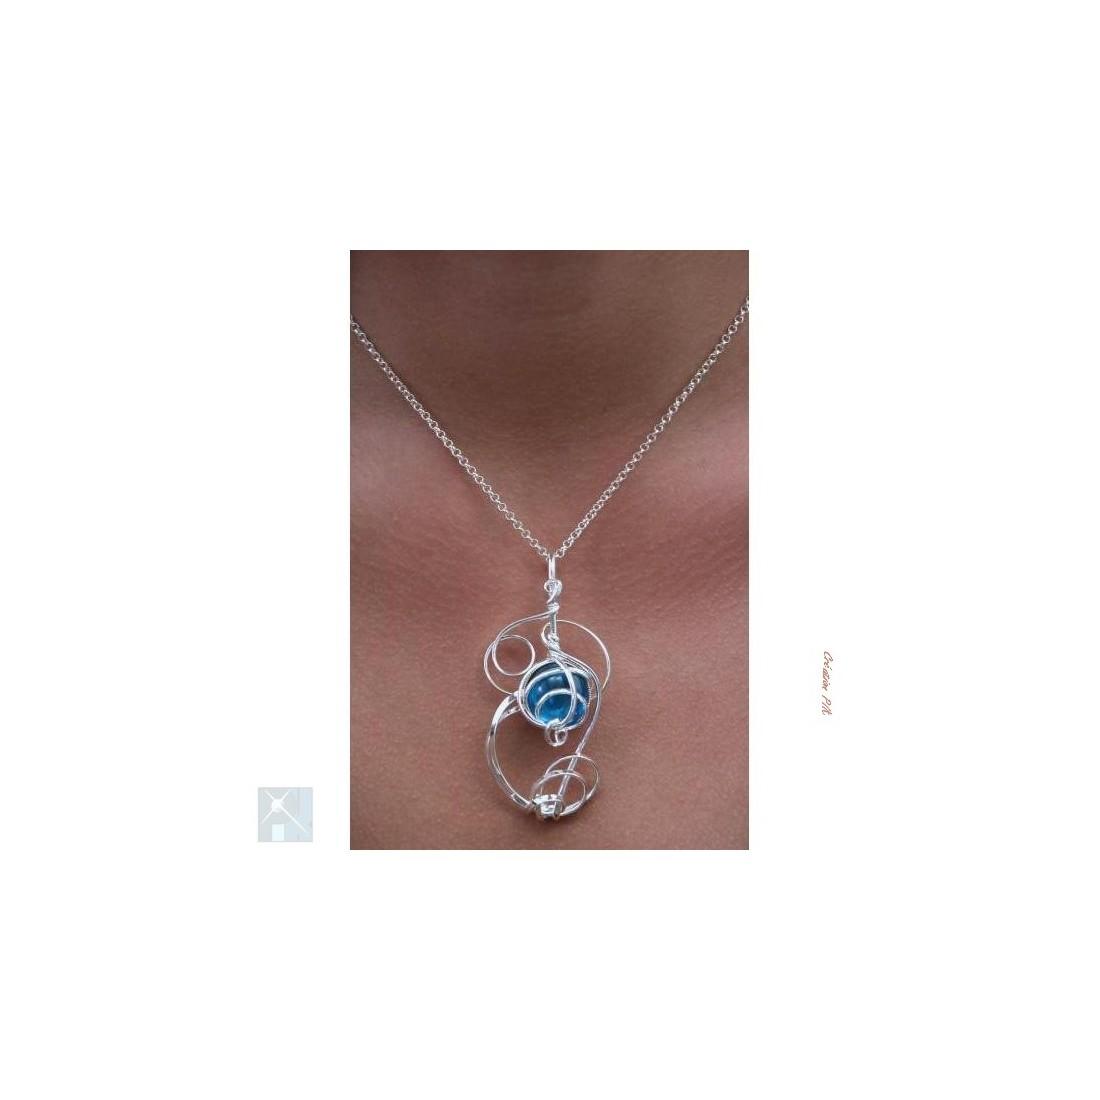 Pendentif-bijou argent et aïgue-marine